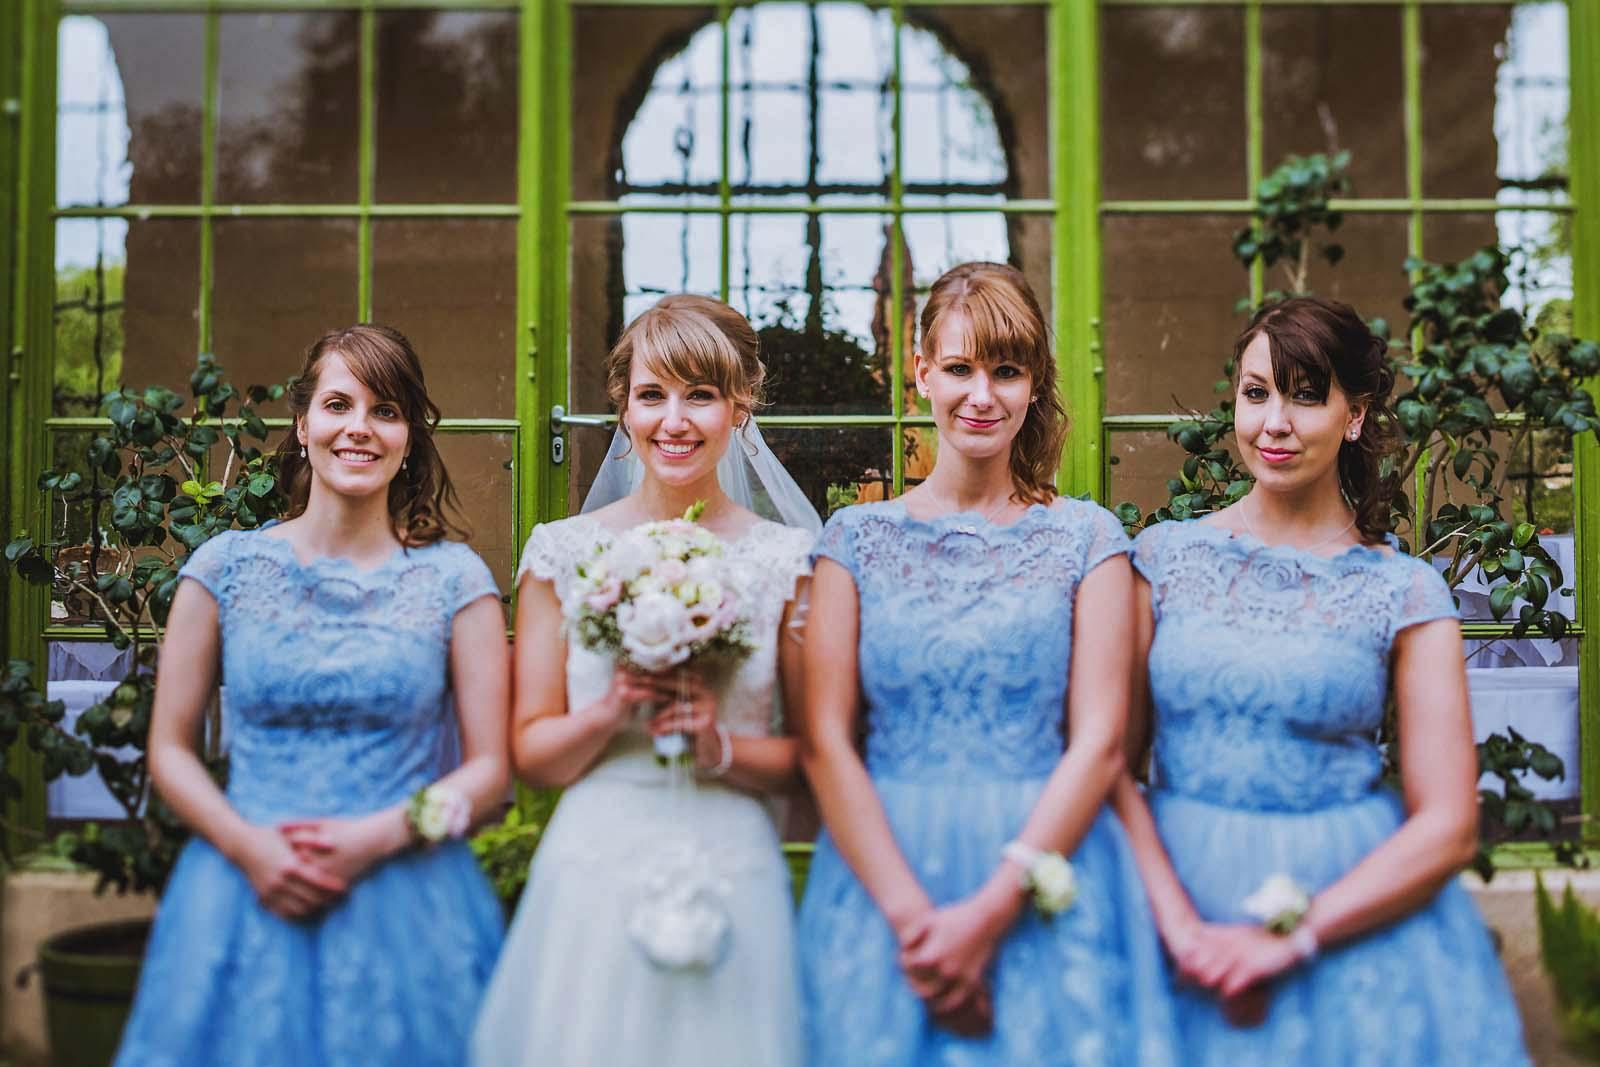 Braut wird von Brautjungfern eingerahmt auf Foto vom Hochzeitsfotograf Copyright by Hochzeitsfotograf www.berliner-hochzeitsfotografie.de